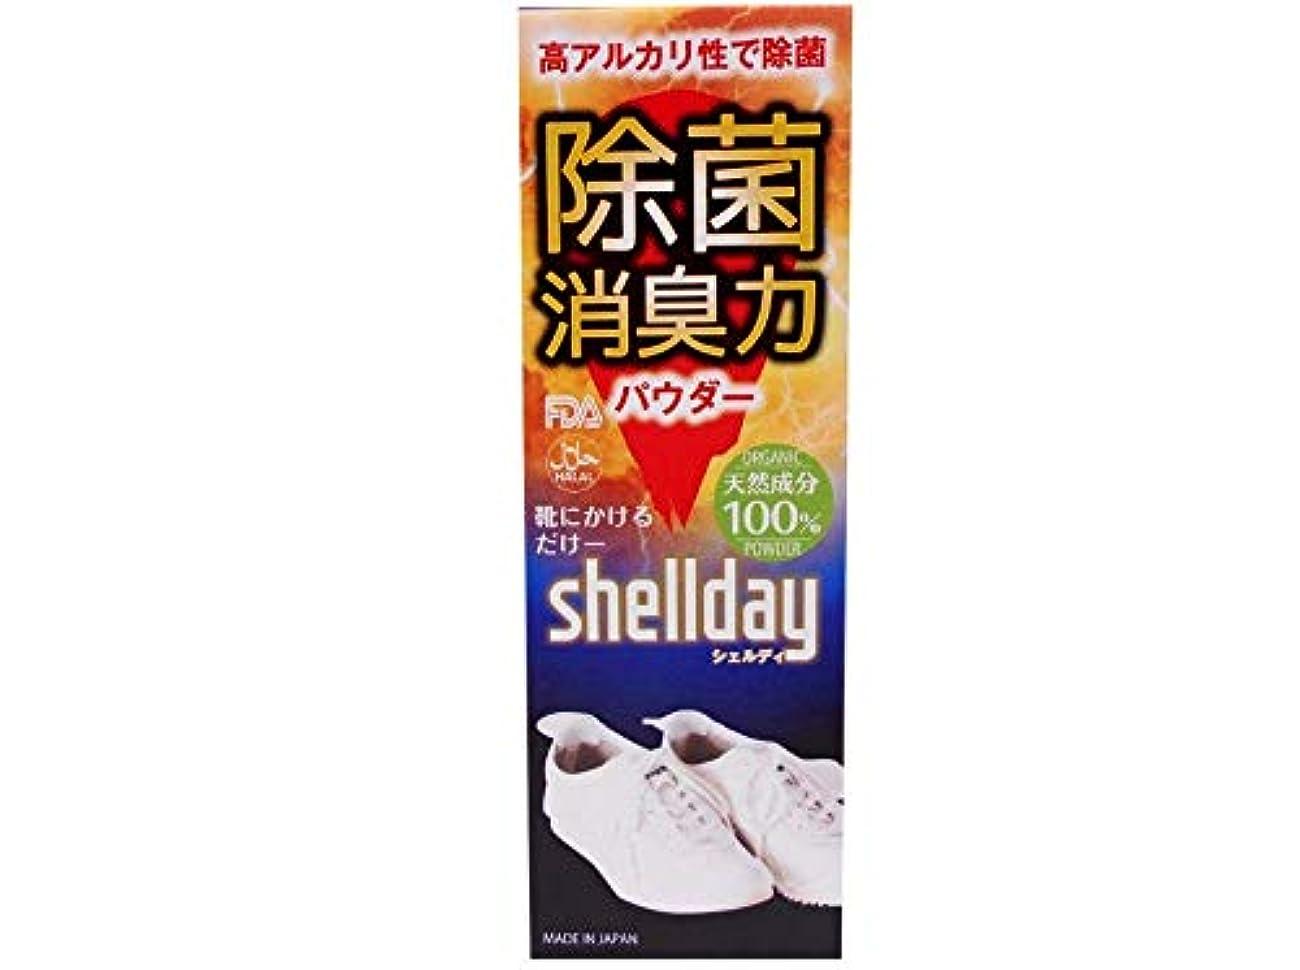 依存する発掘する線形シェルデイ 靴消臭パウダー 大容量 80g 靴消臭 足の臭い対策消臭剤 100%天然素材